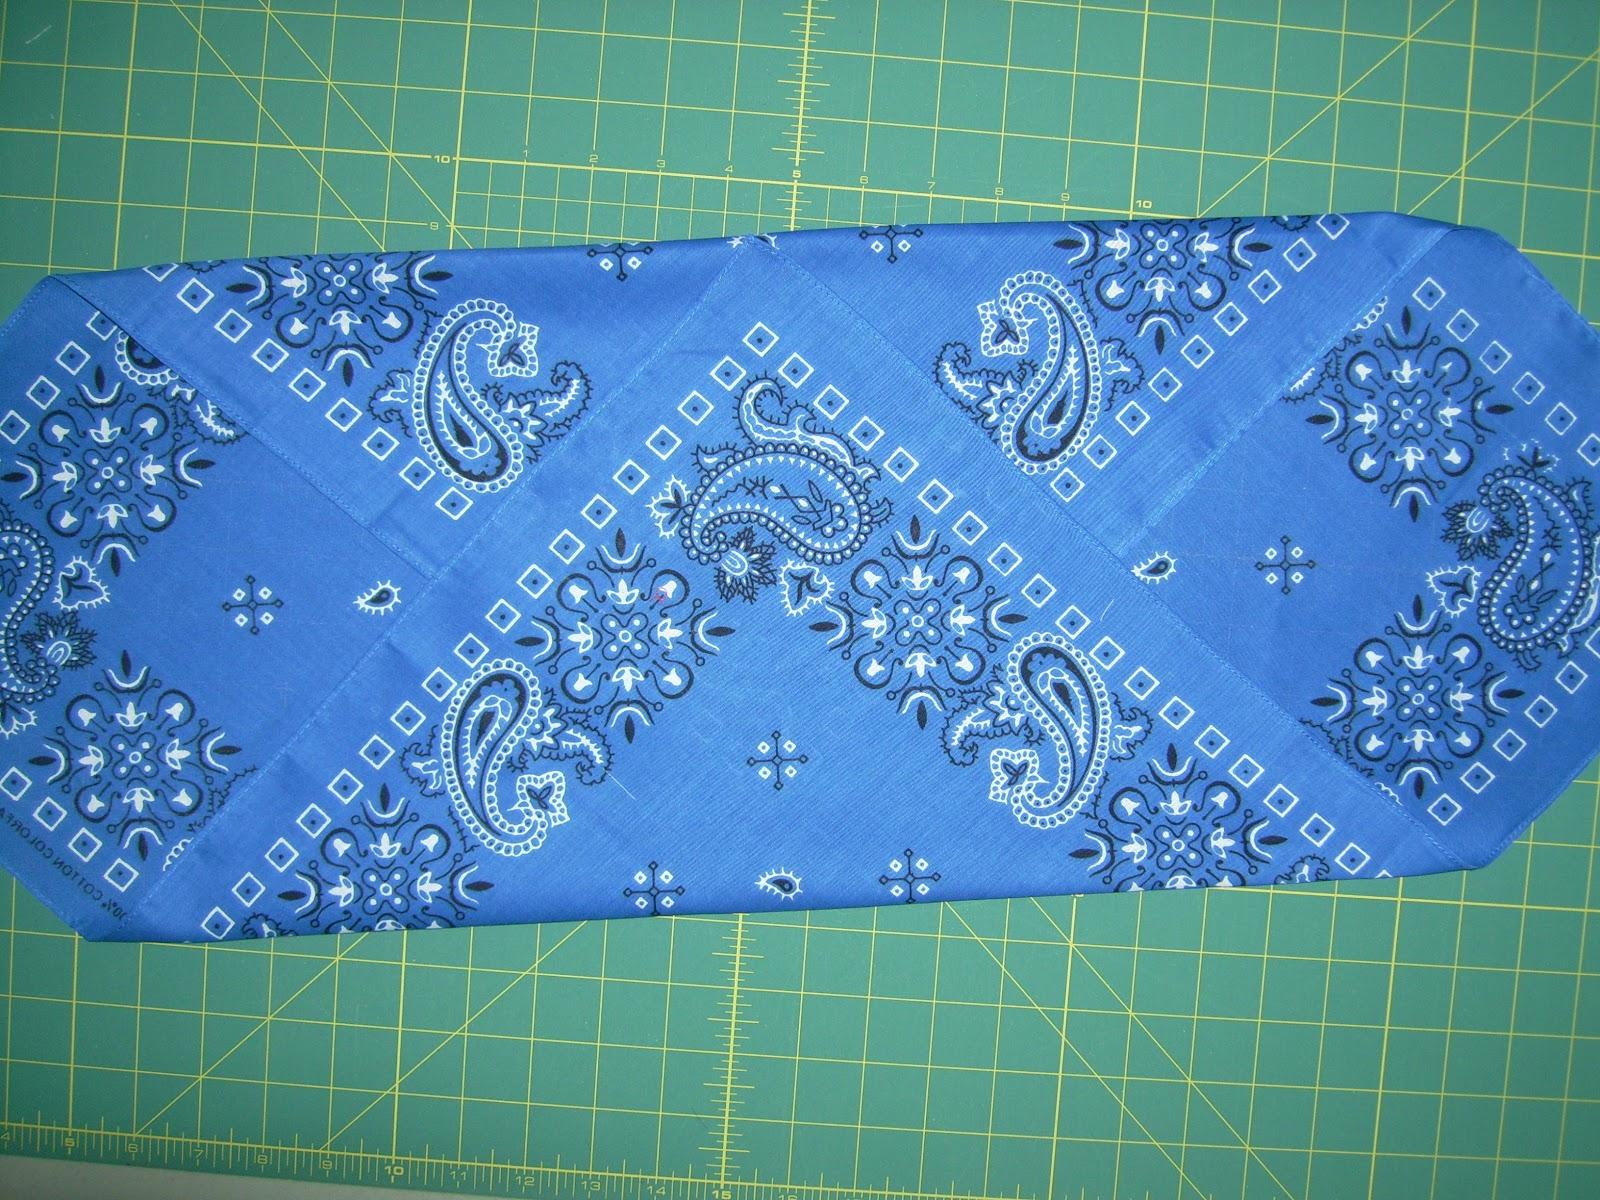 of Blue Bandana Wallpaper Bandanas SC